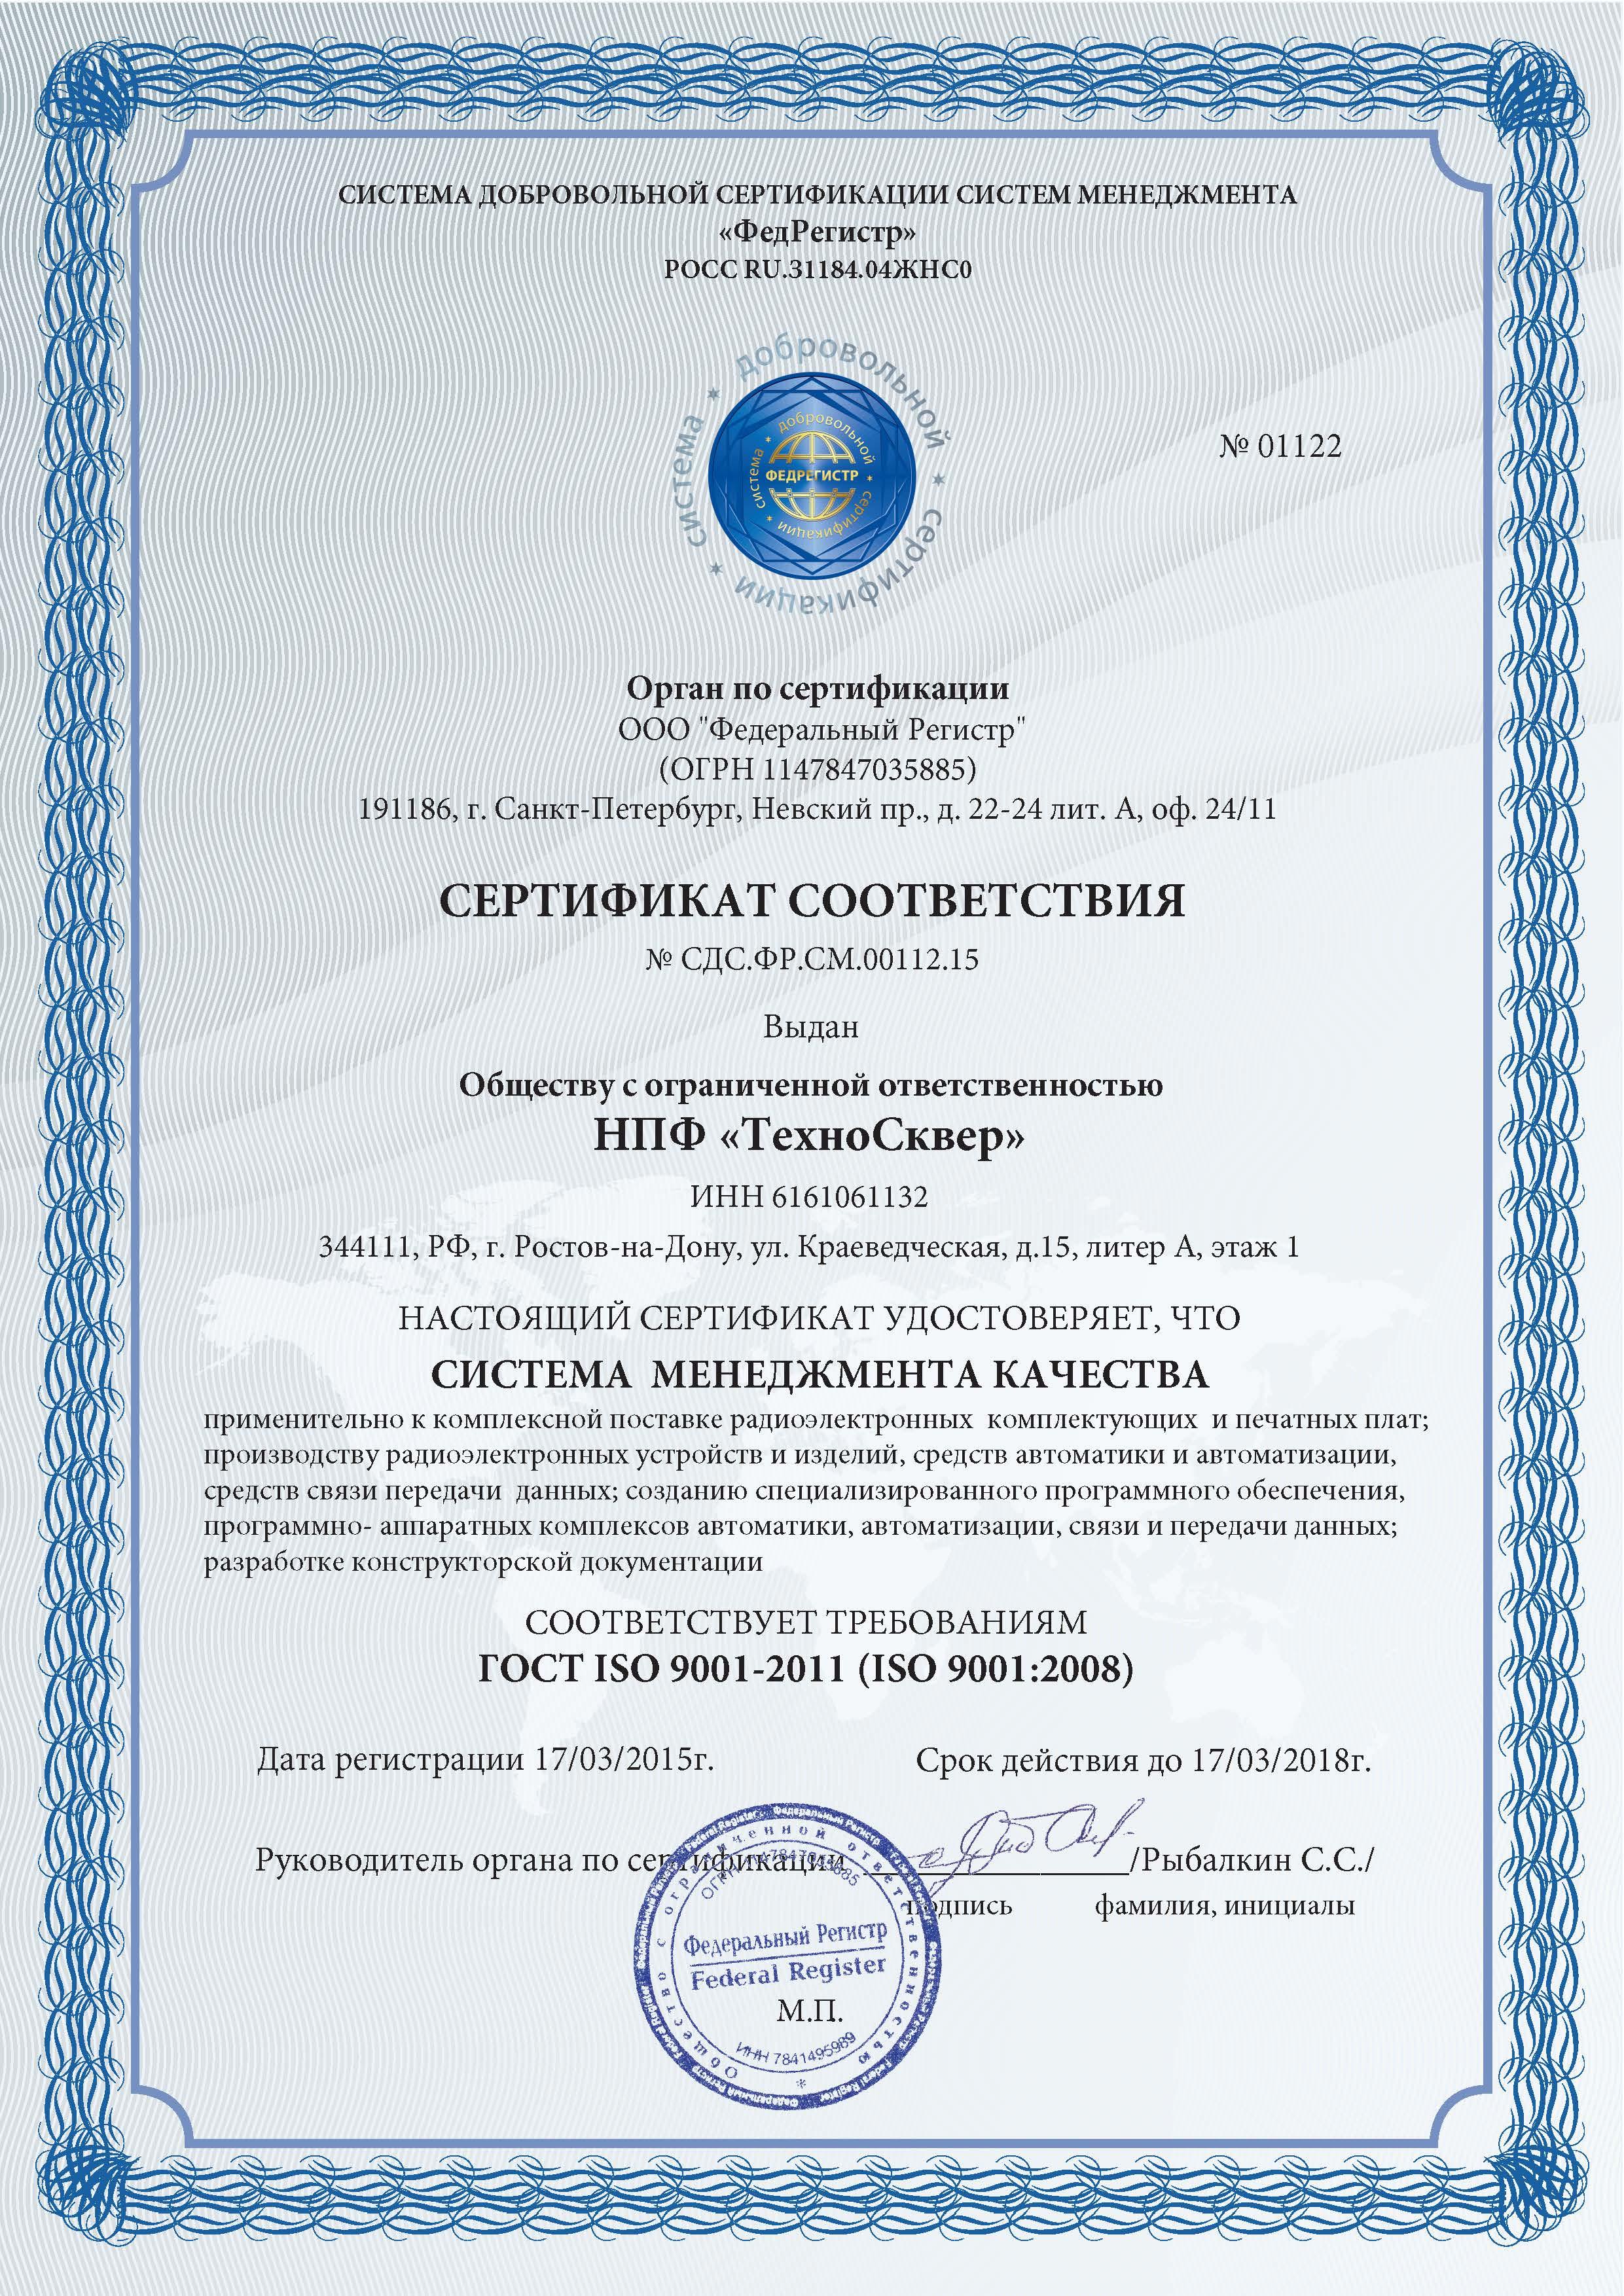 Сертификат качества исо 9001-2008.